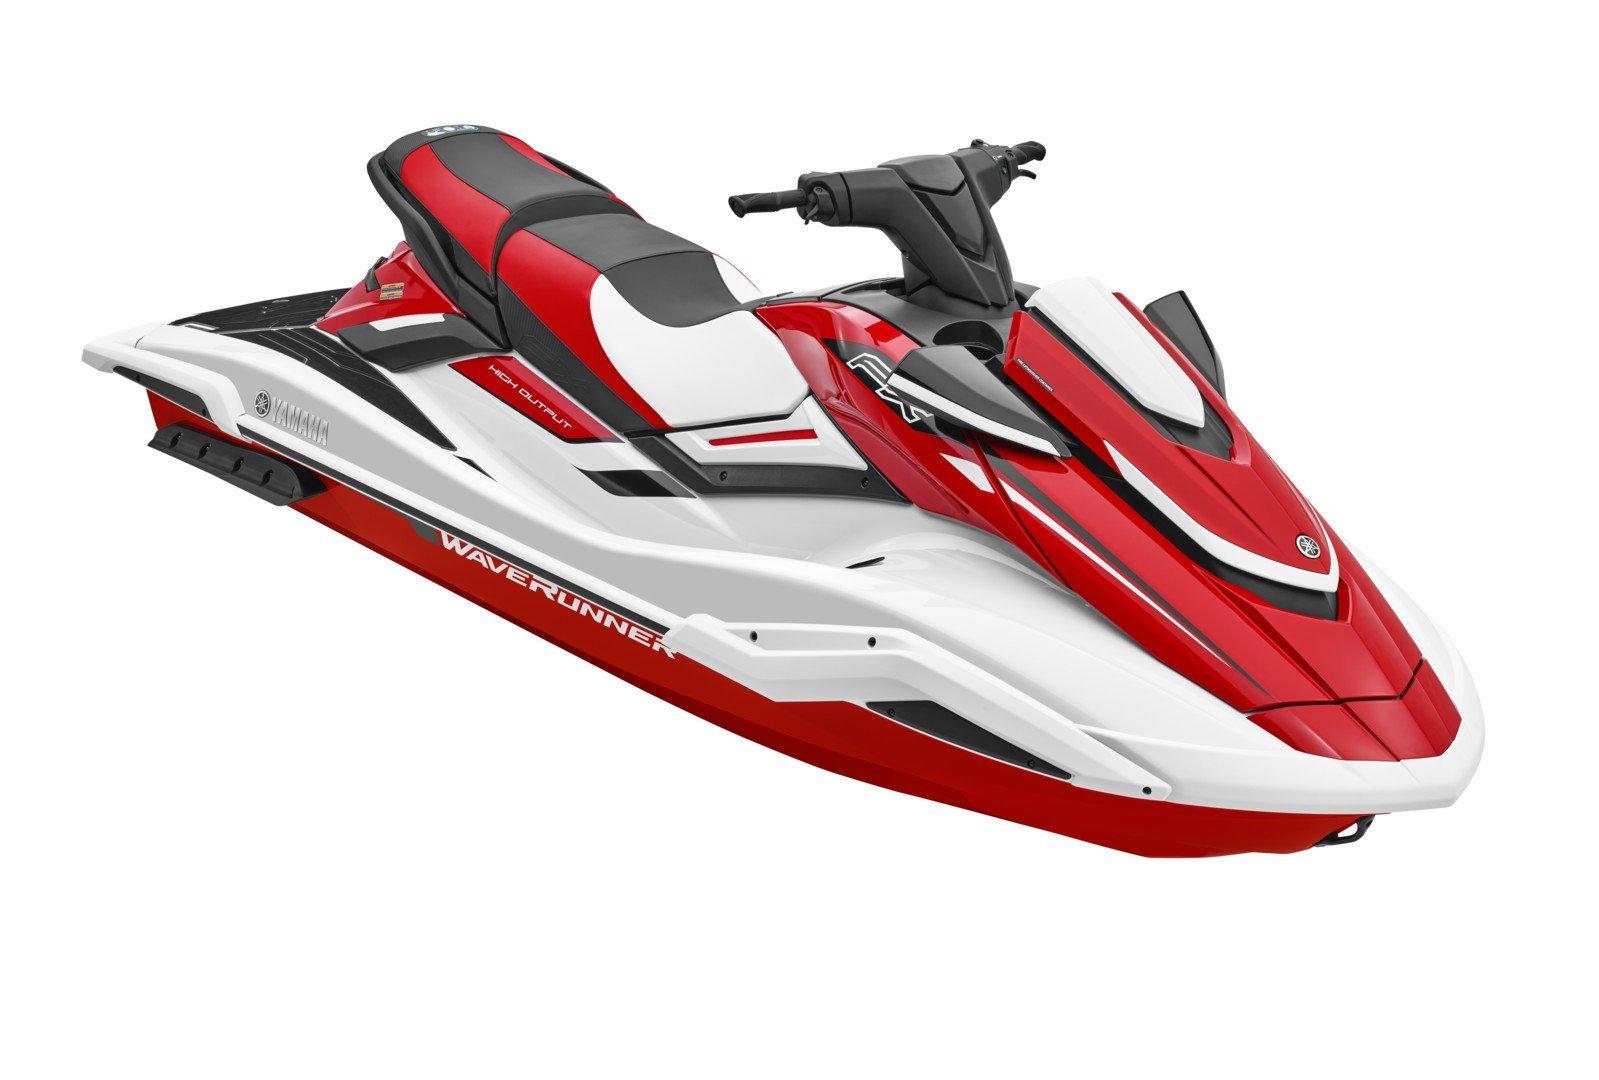 Yamaha-Waverunner-FX HO-2021-Large